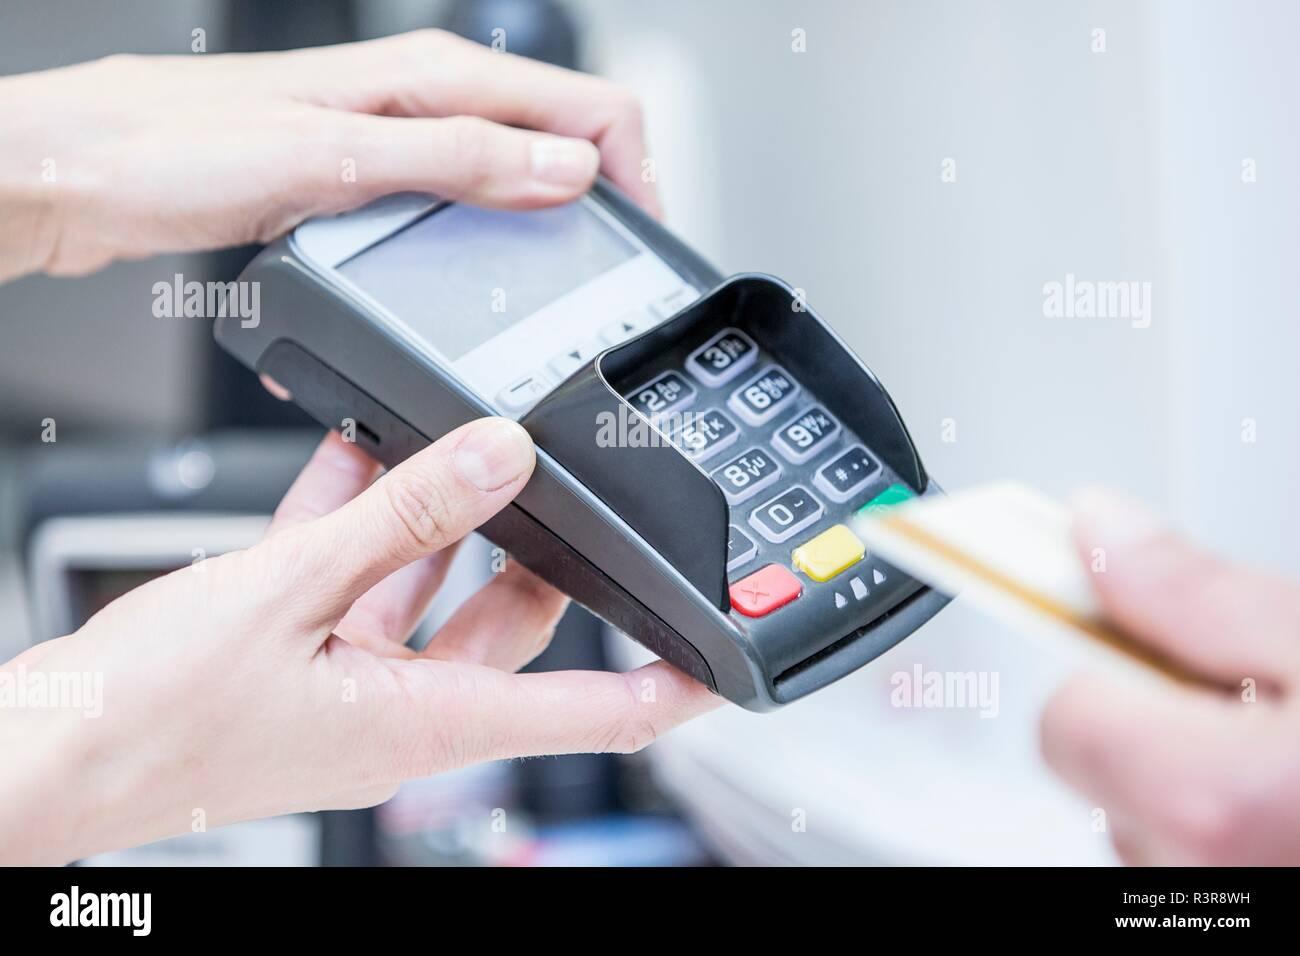 Kunden die Zahlung per Karte. Stockbild